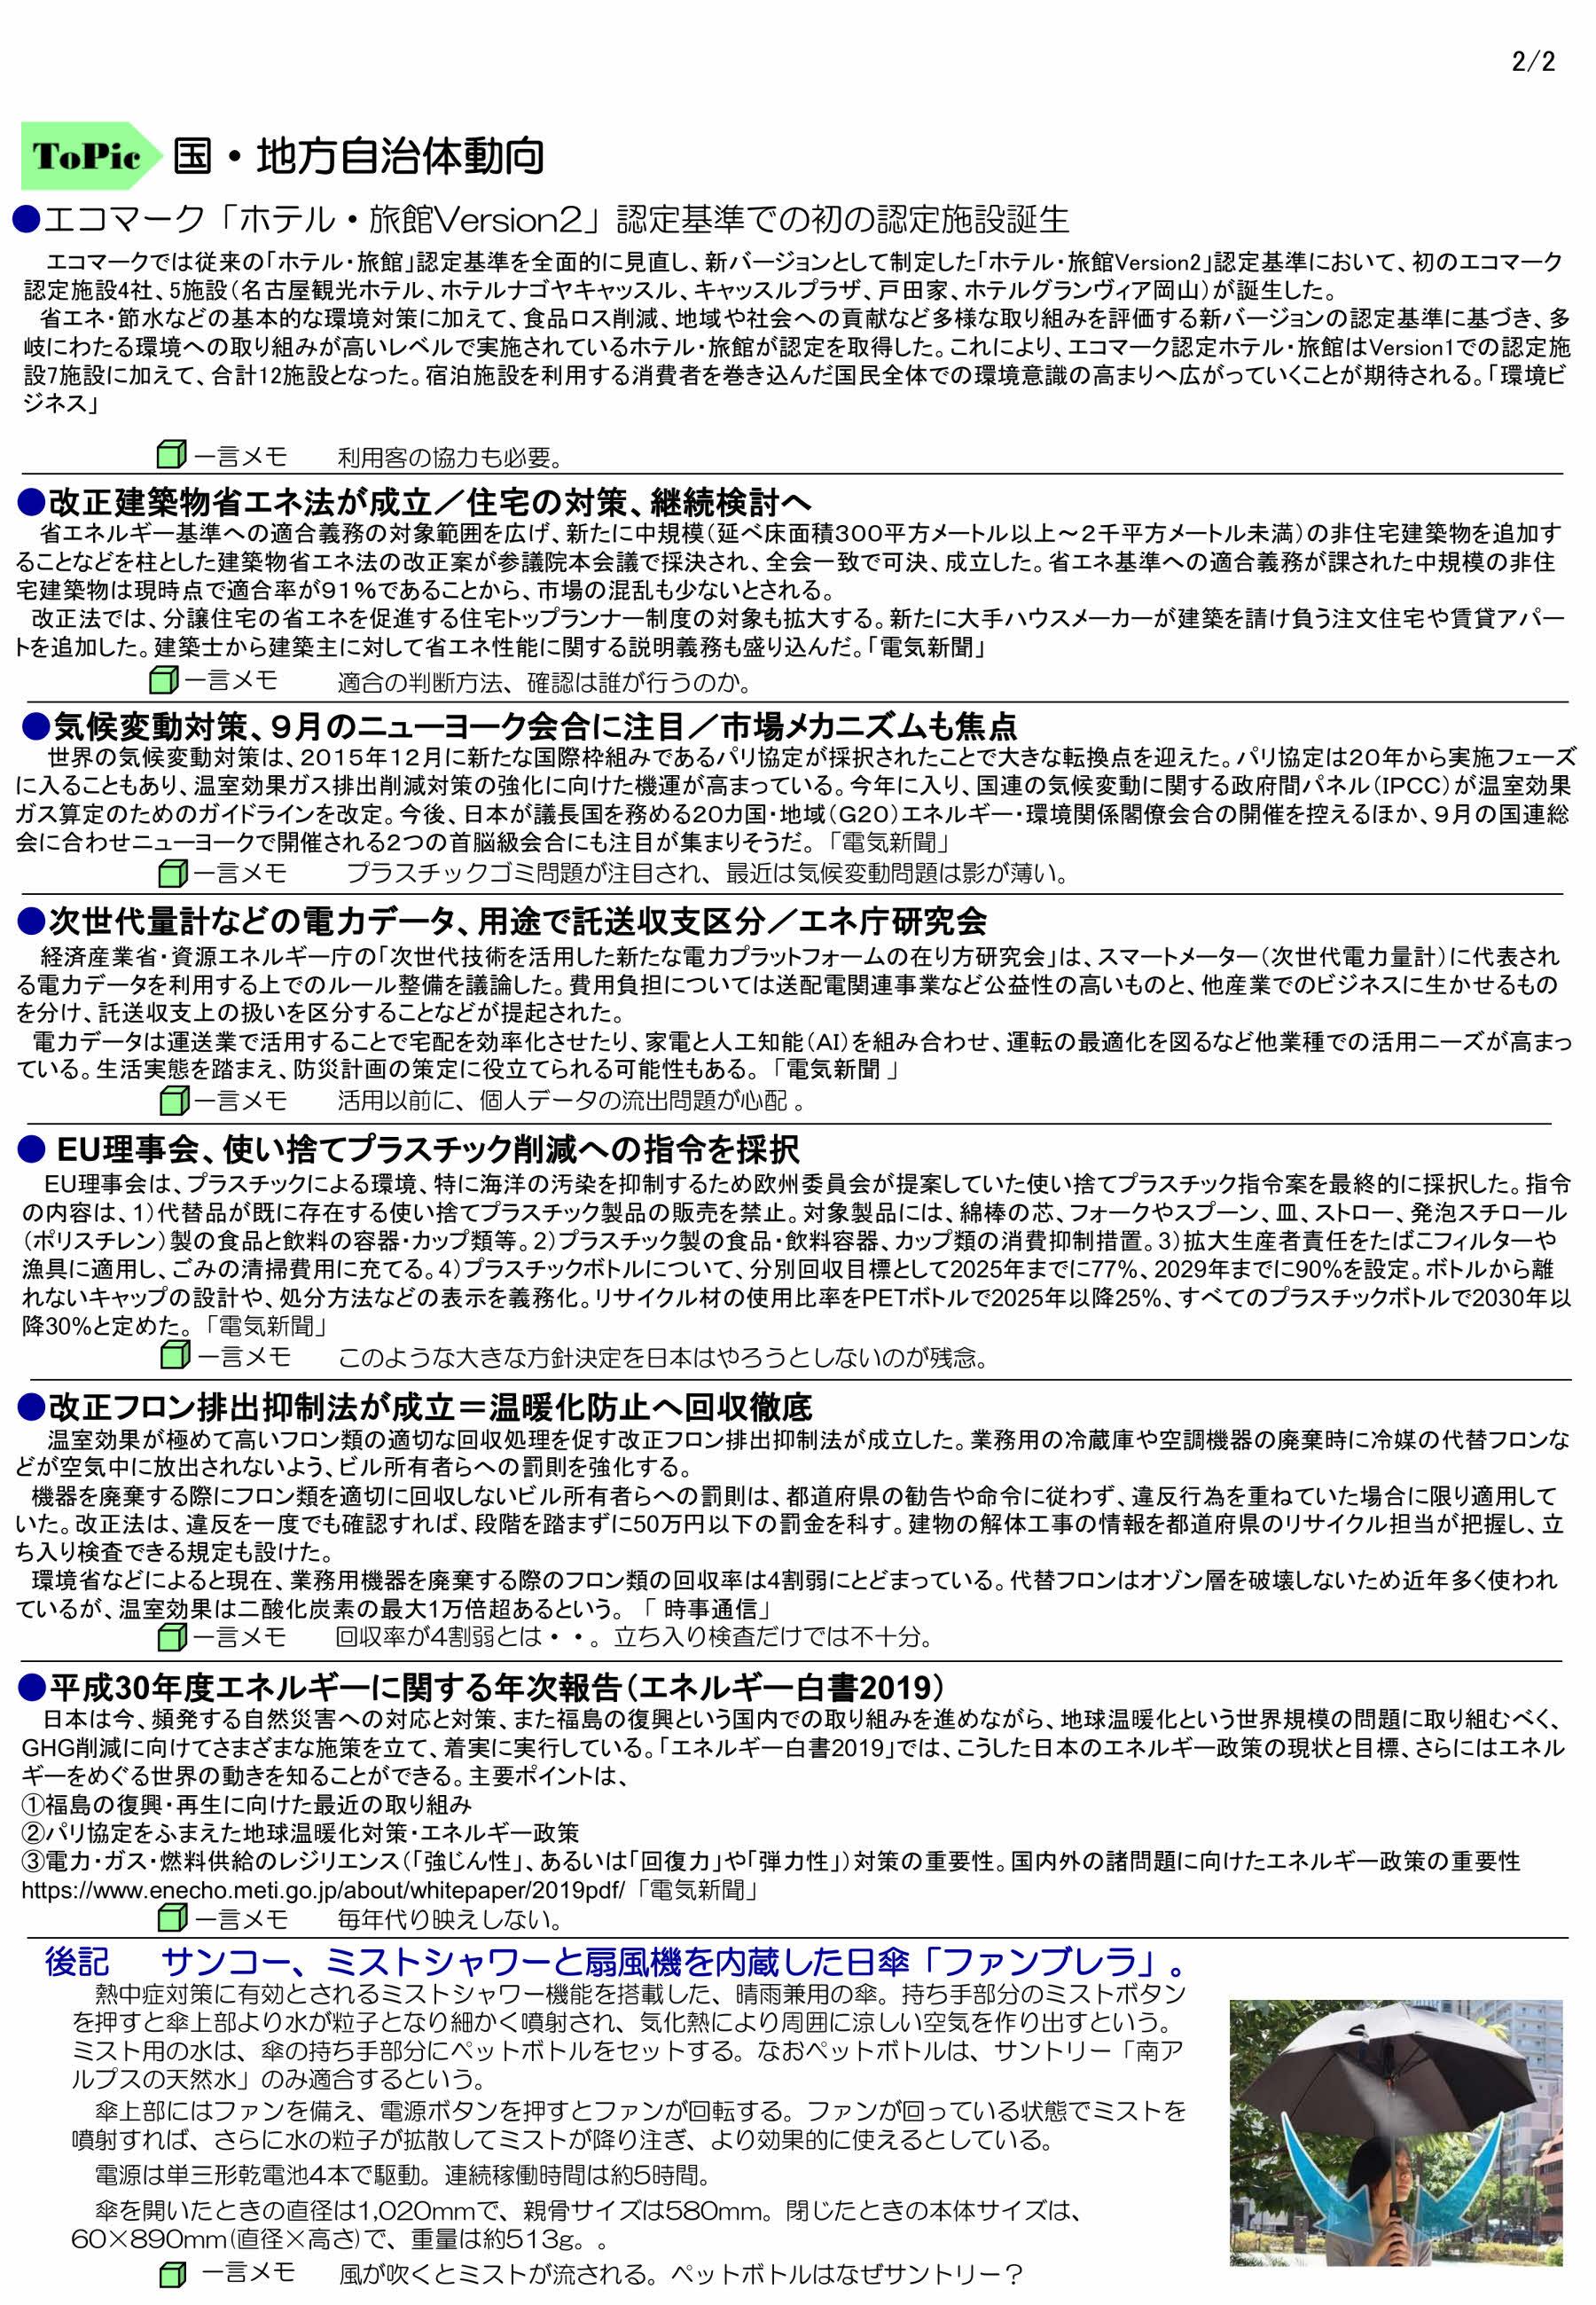 資源エネレポート -N0.62-